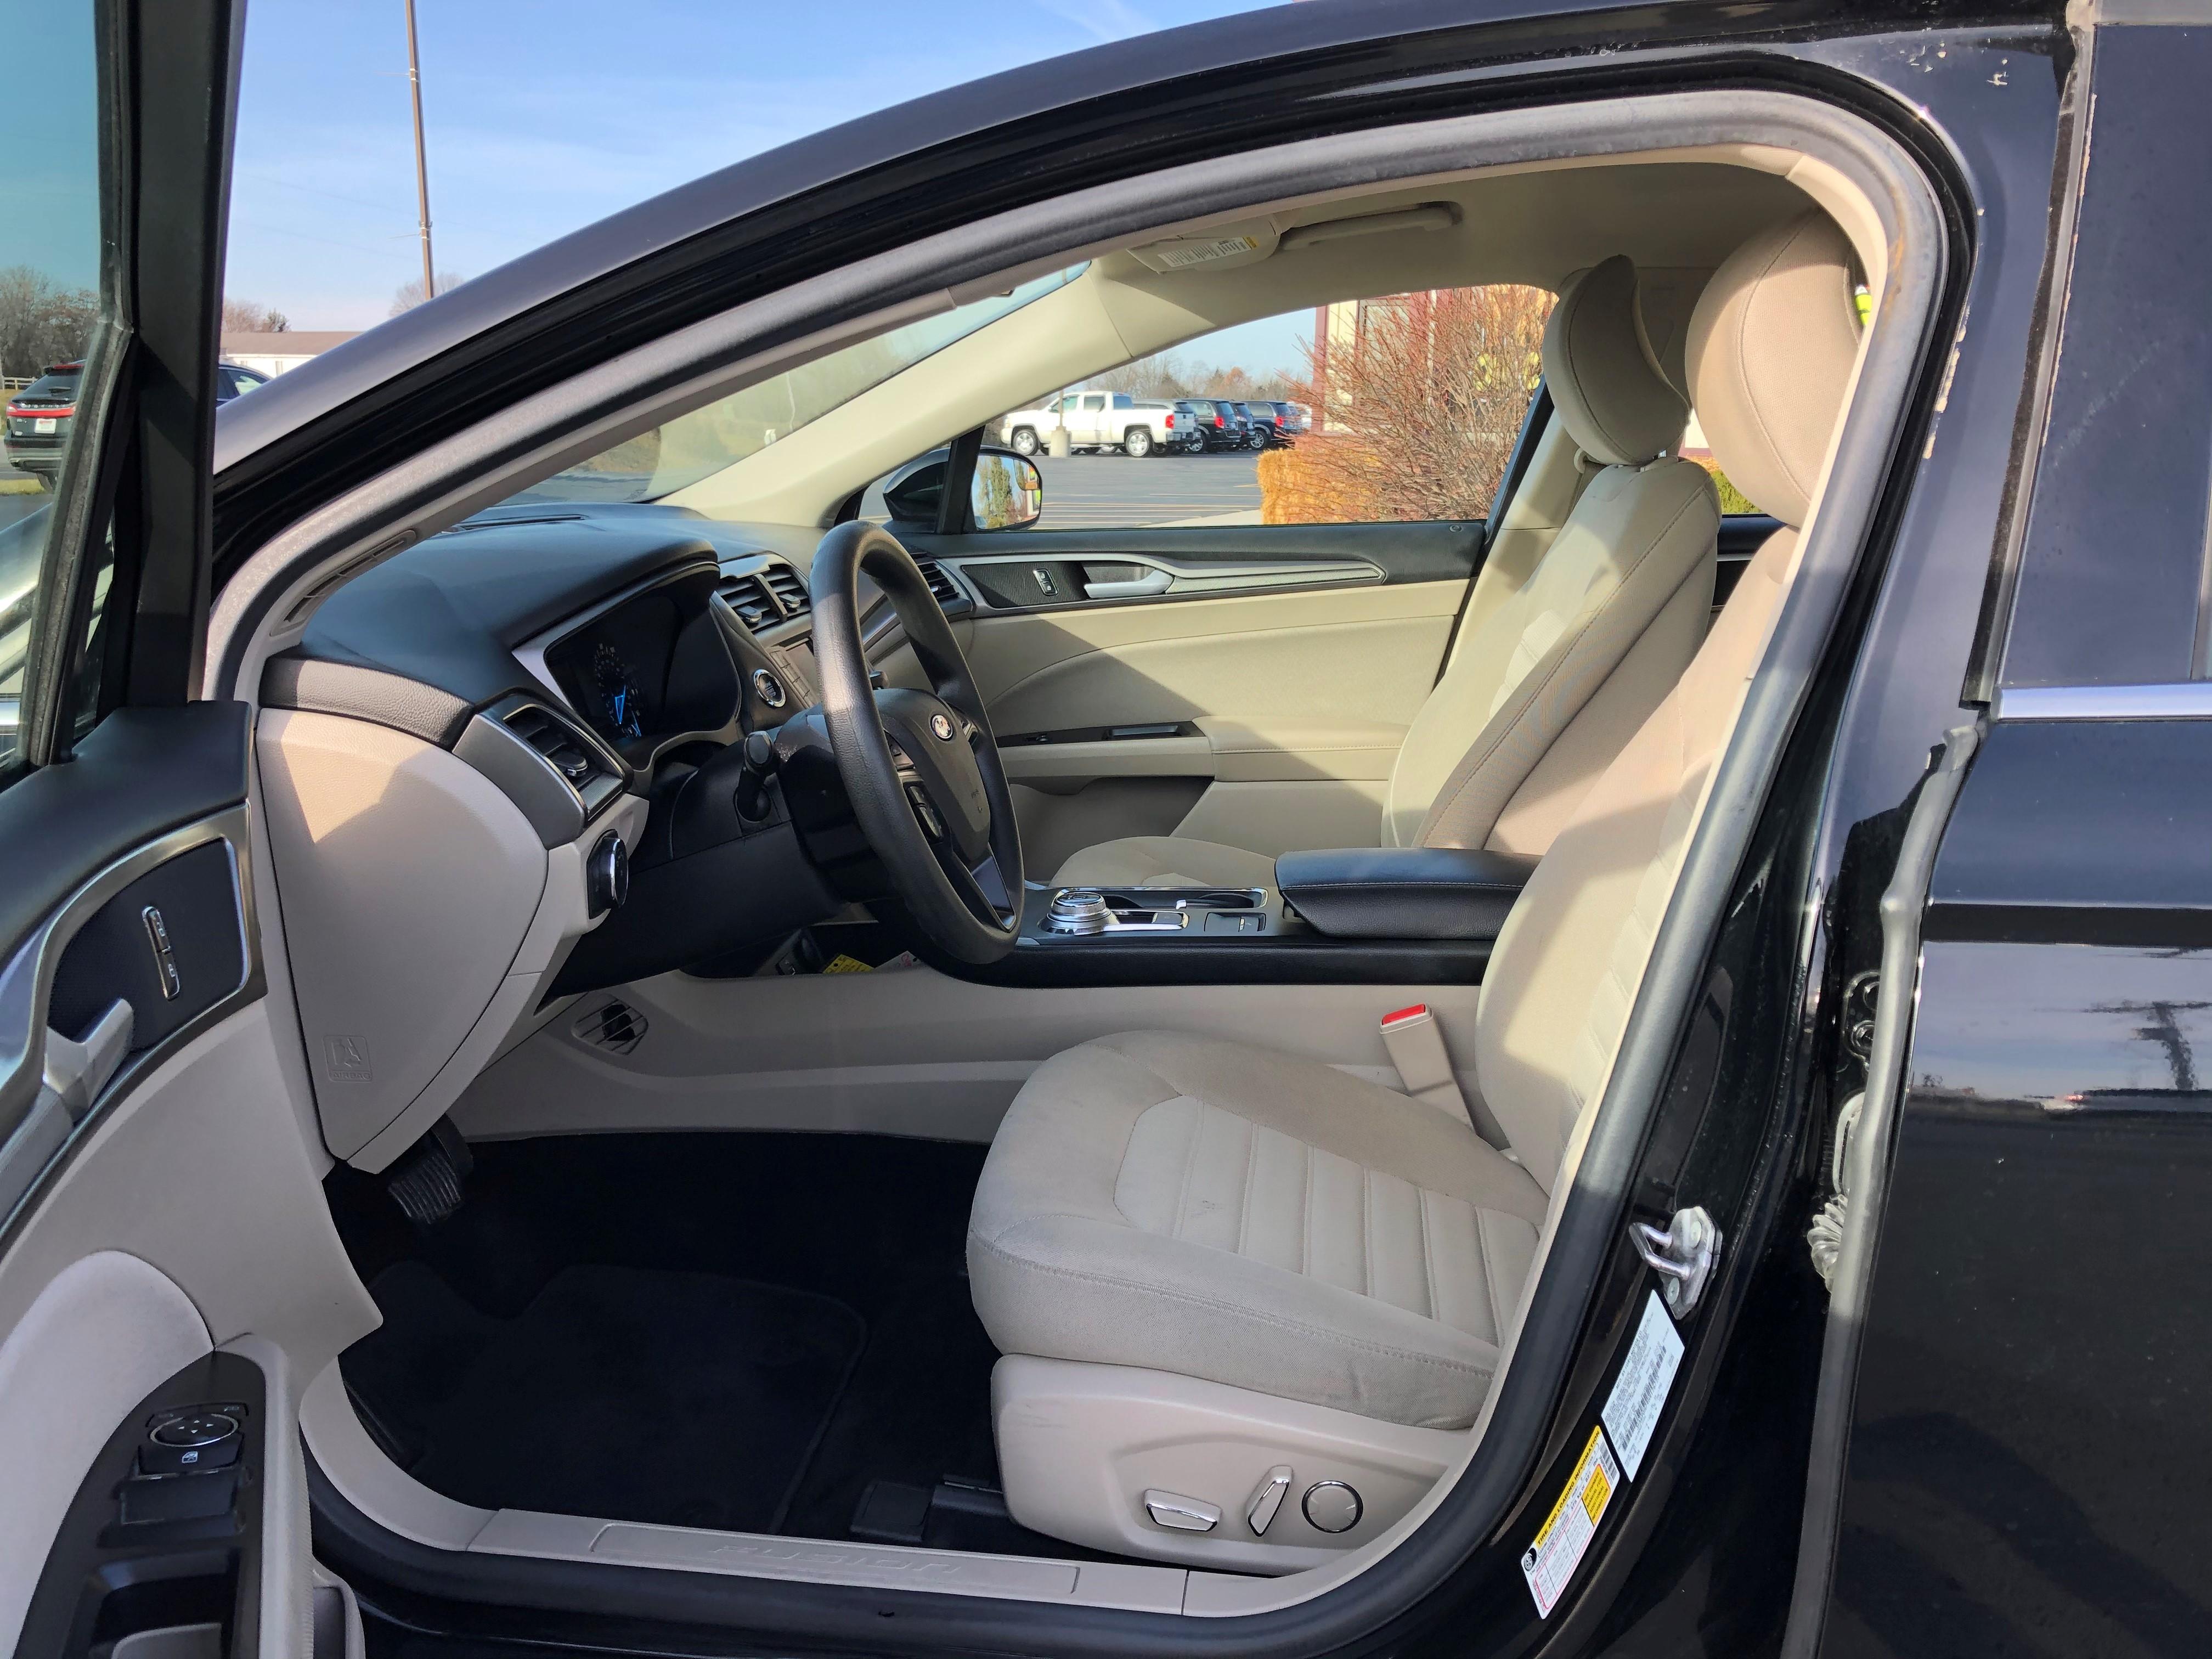 used vehicle - Sedan FORD FUSION 2017